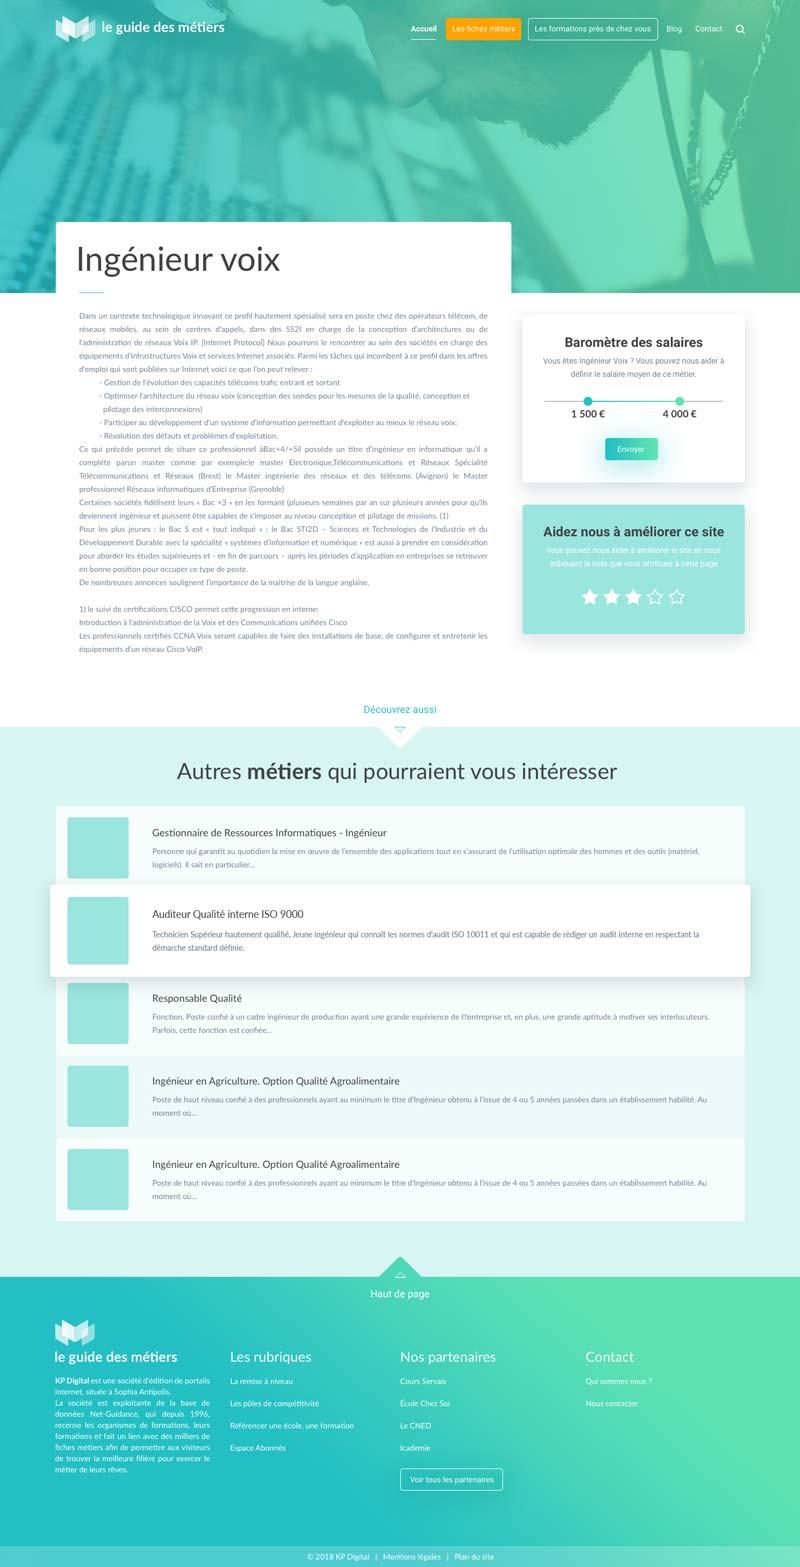 Design de la page métier du site internet Le Guide des Métiers